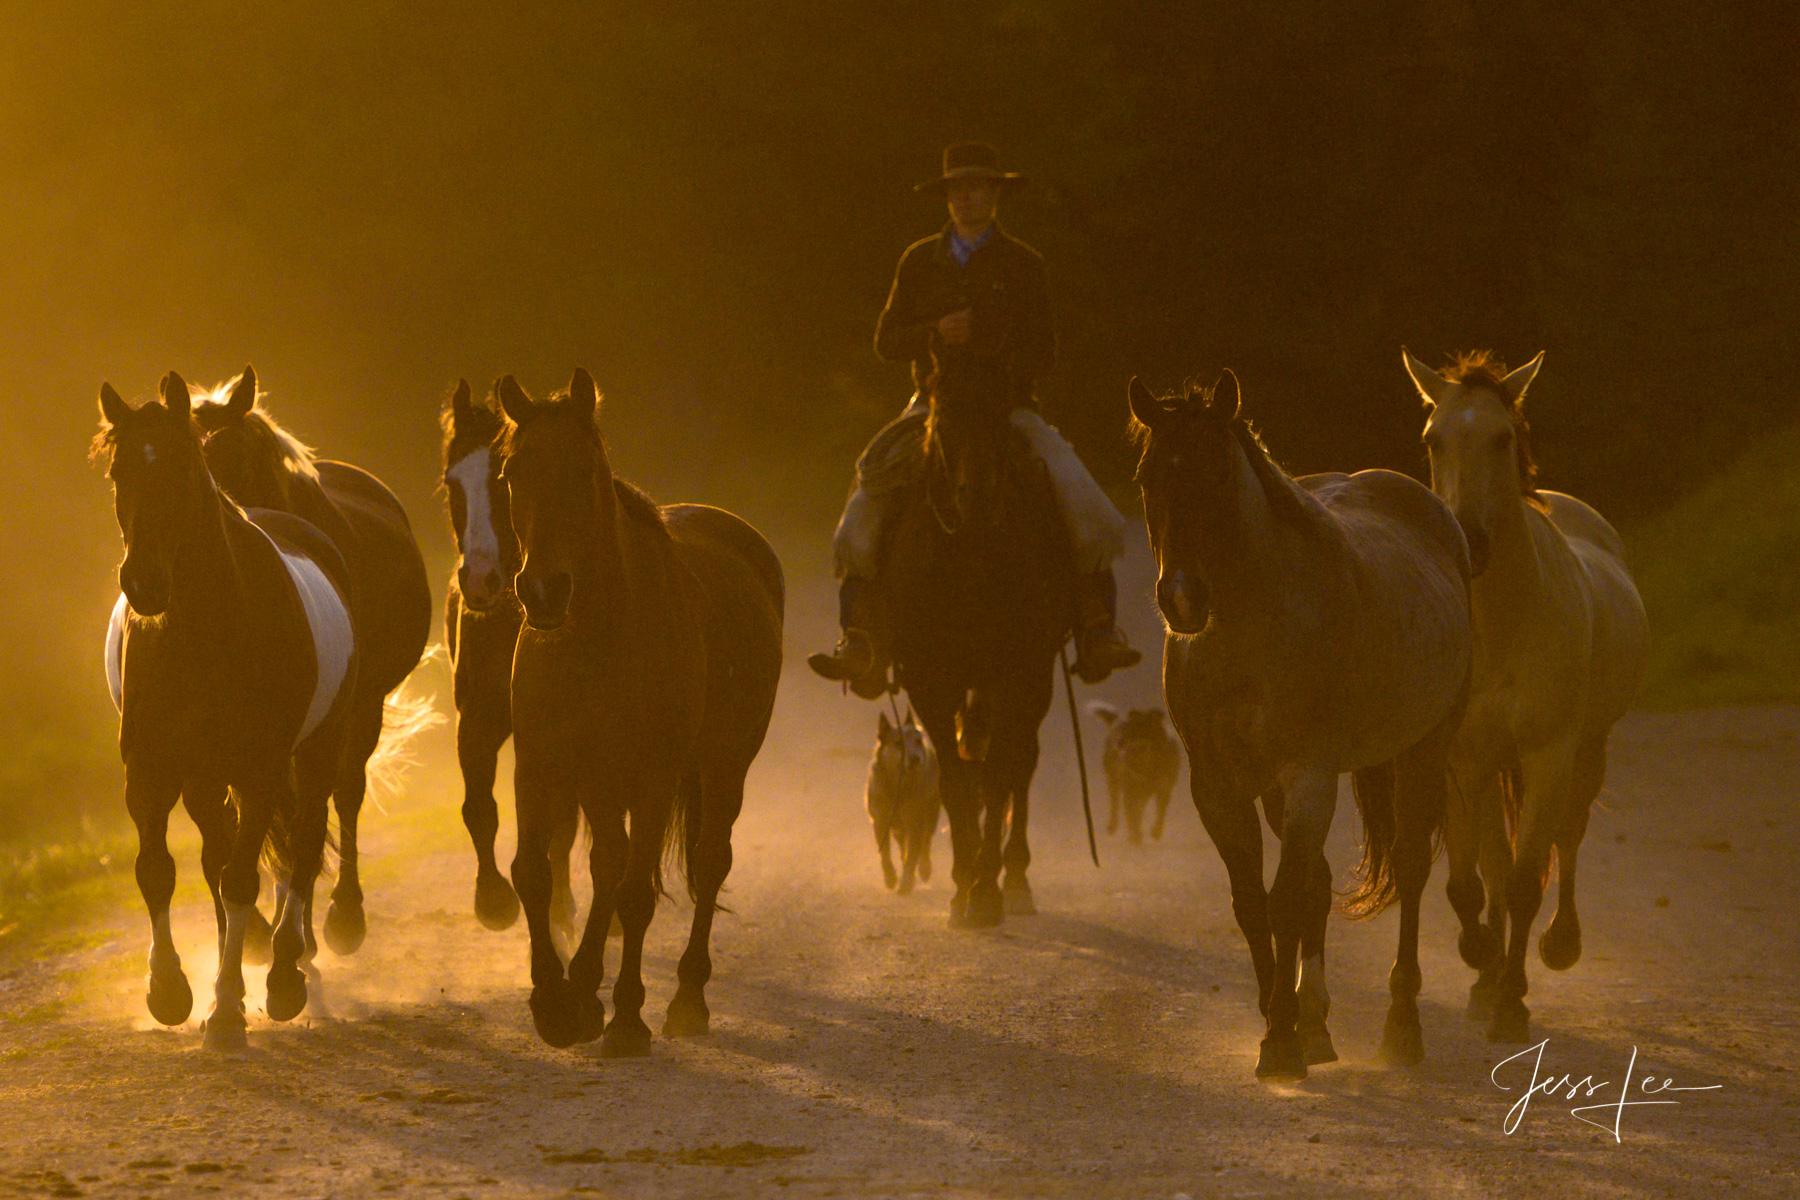 cowboy, western, photo